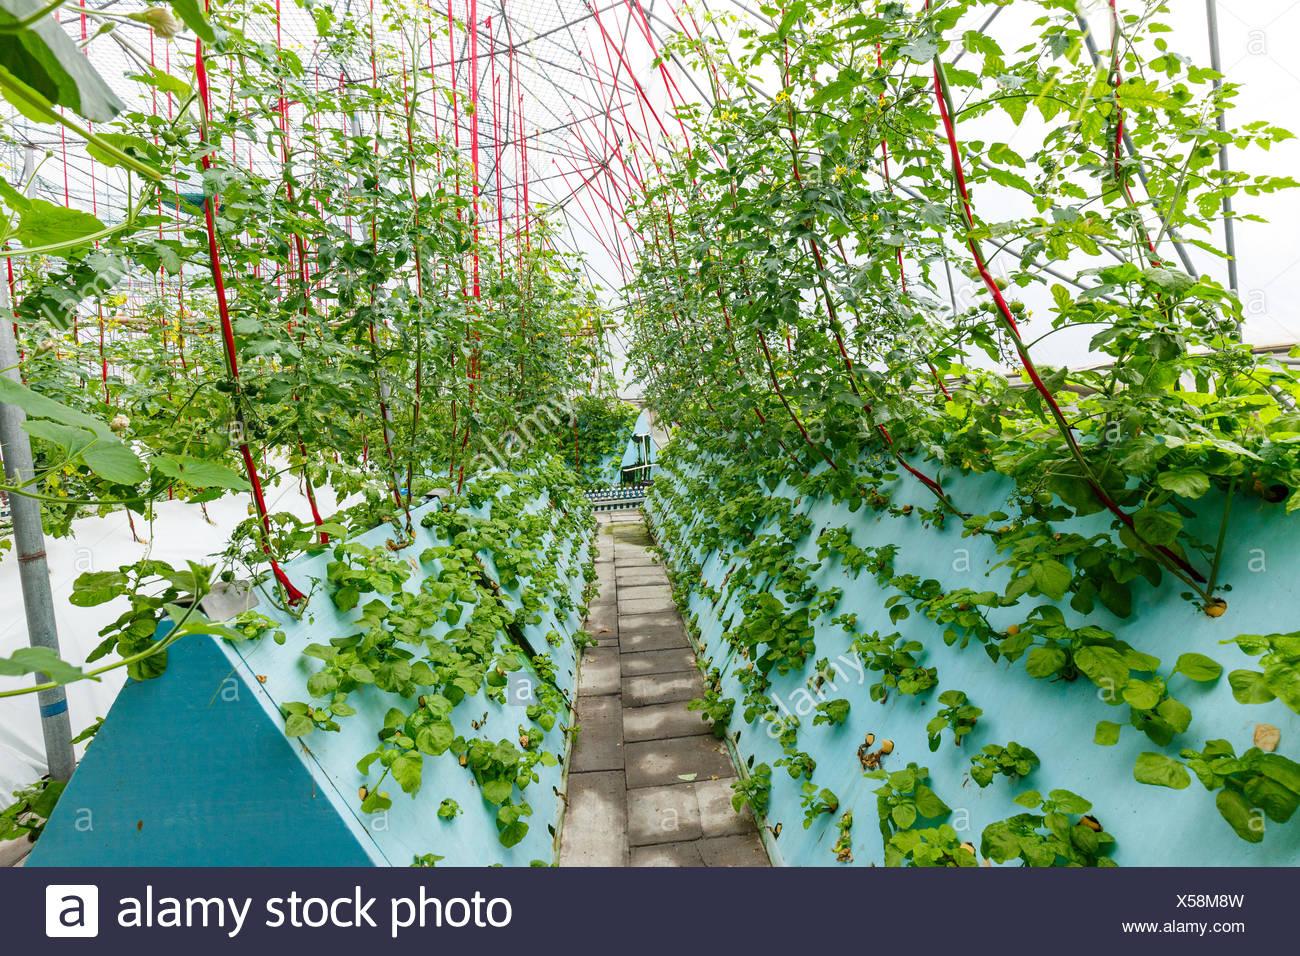 Innere Des Gemuse Gewachshaus Stockfoto Bild 278630713 Alamy